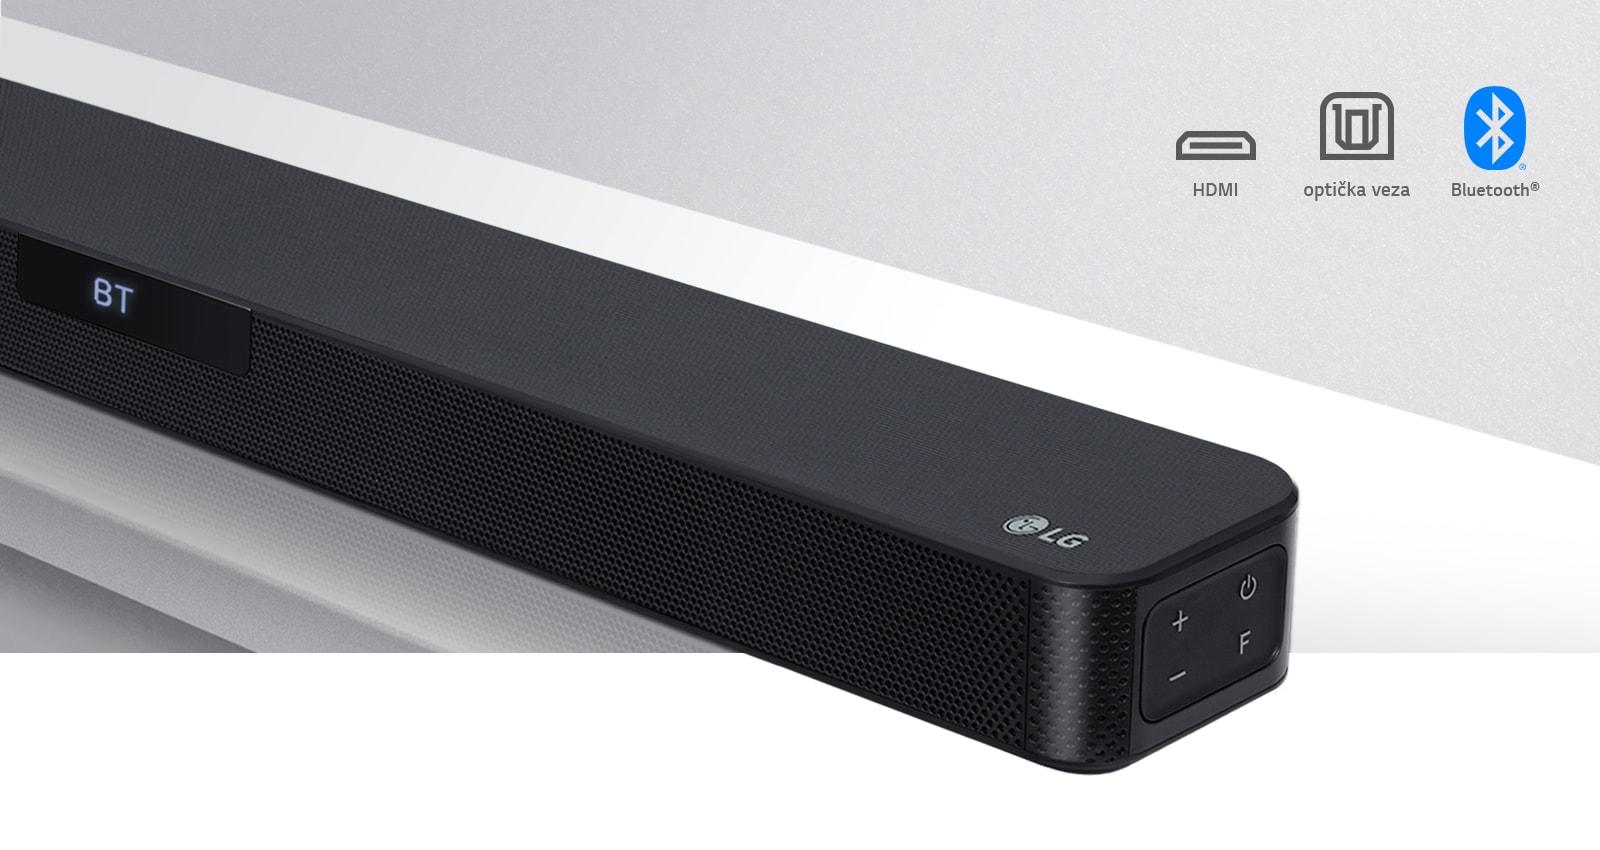 Prikaz izbliza desne strane zvučnika LG Sound Bar s logotipom tvrtke LG u donjem desnom kutu. Ikone za povezivost prikazane su iznad proizvoda.